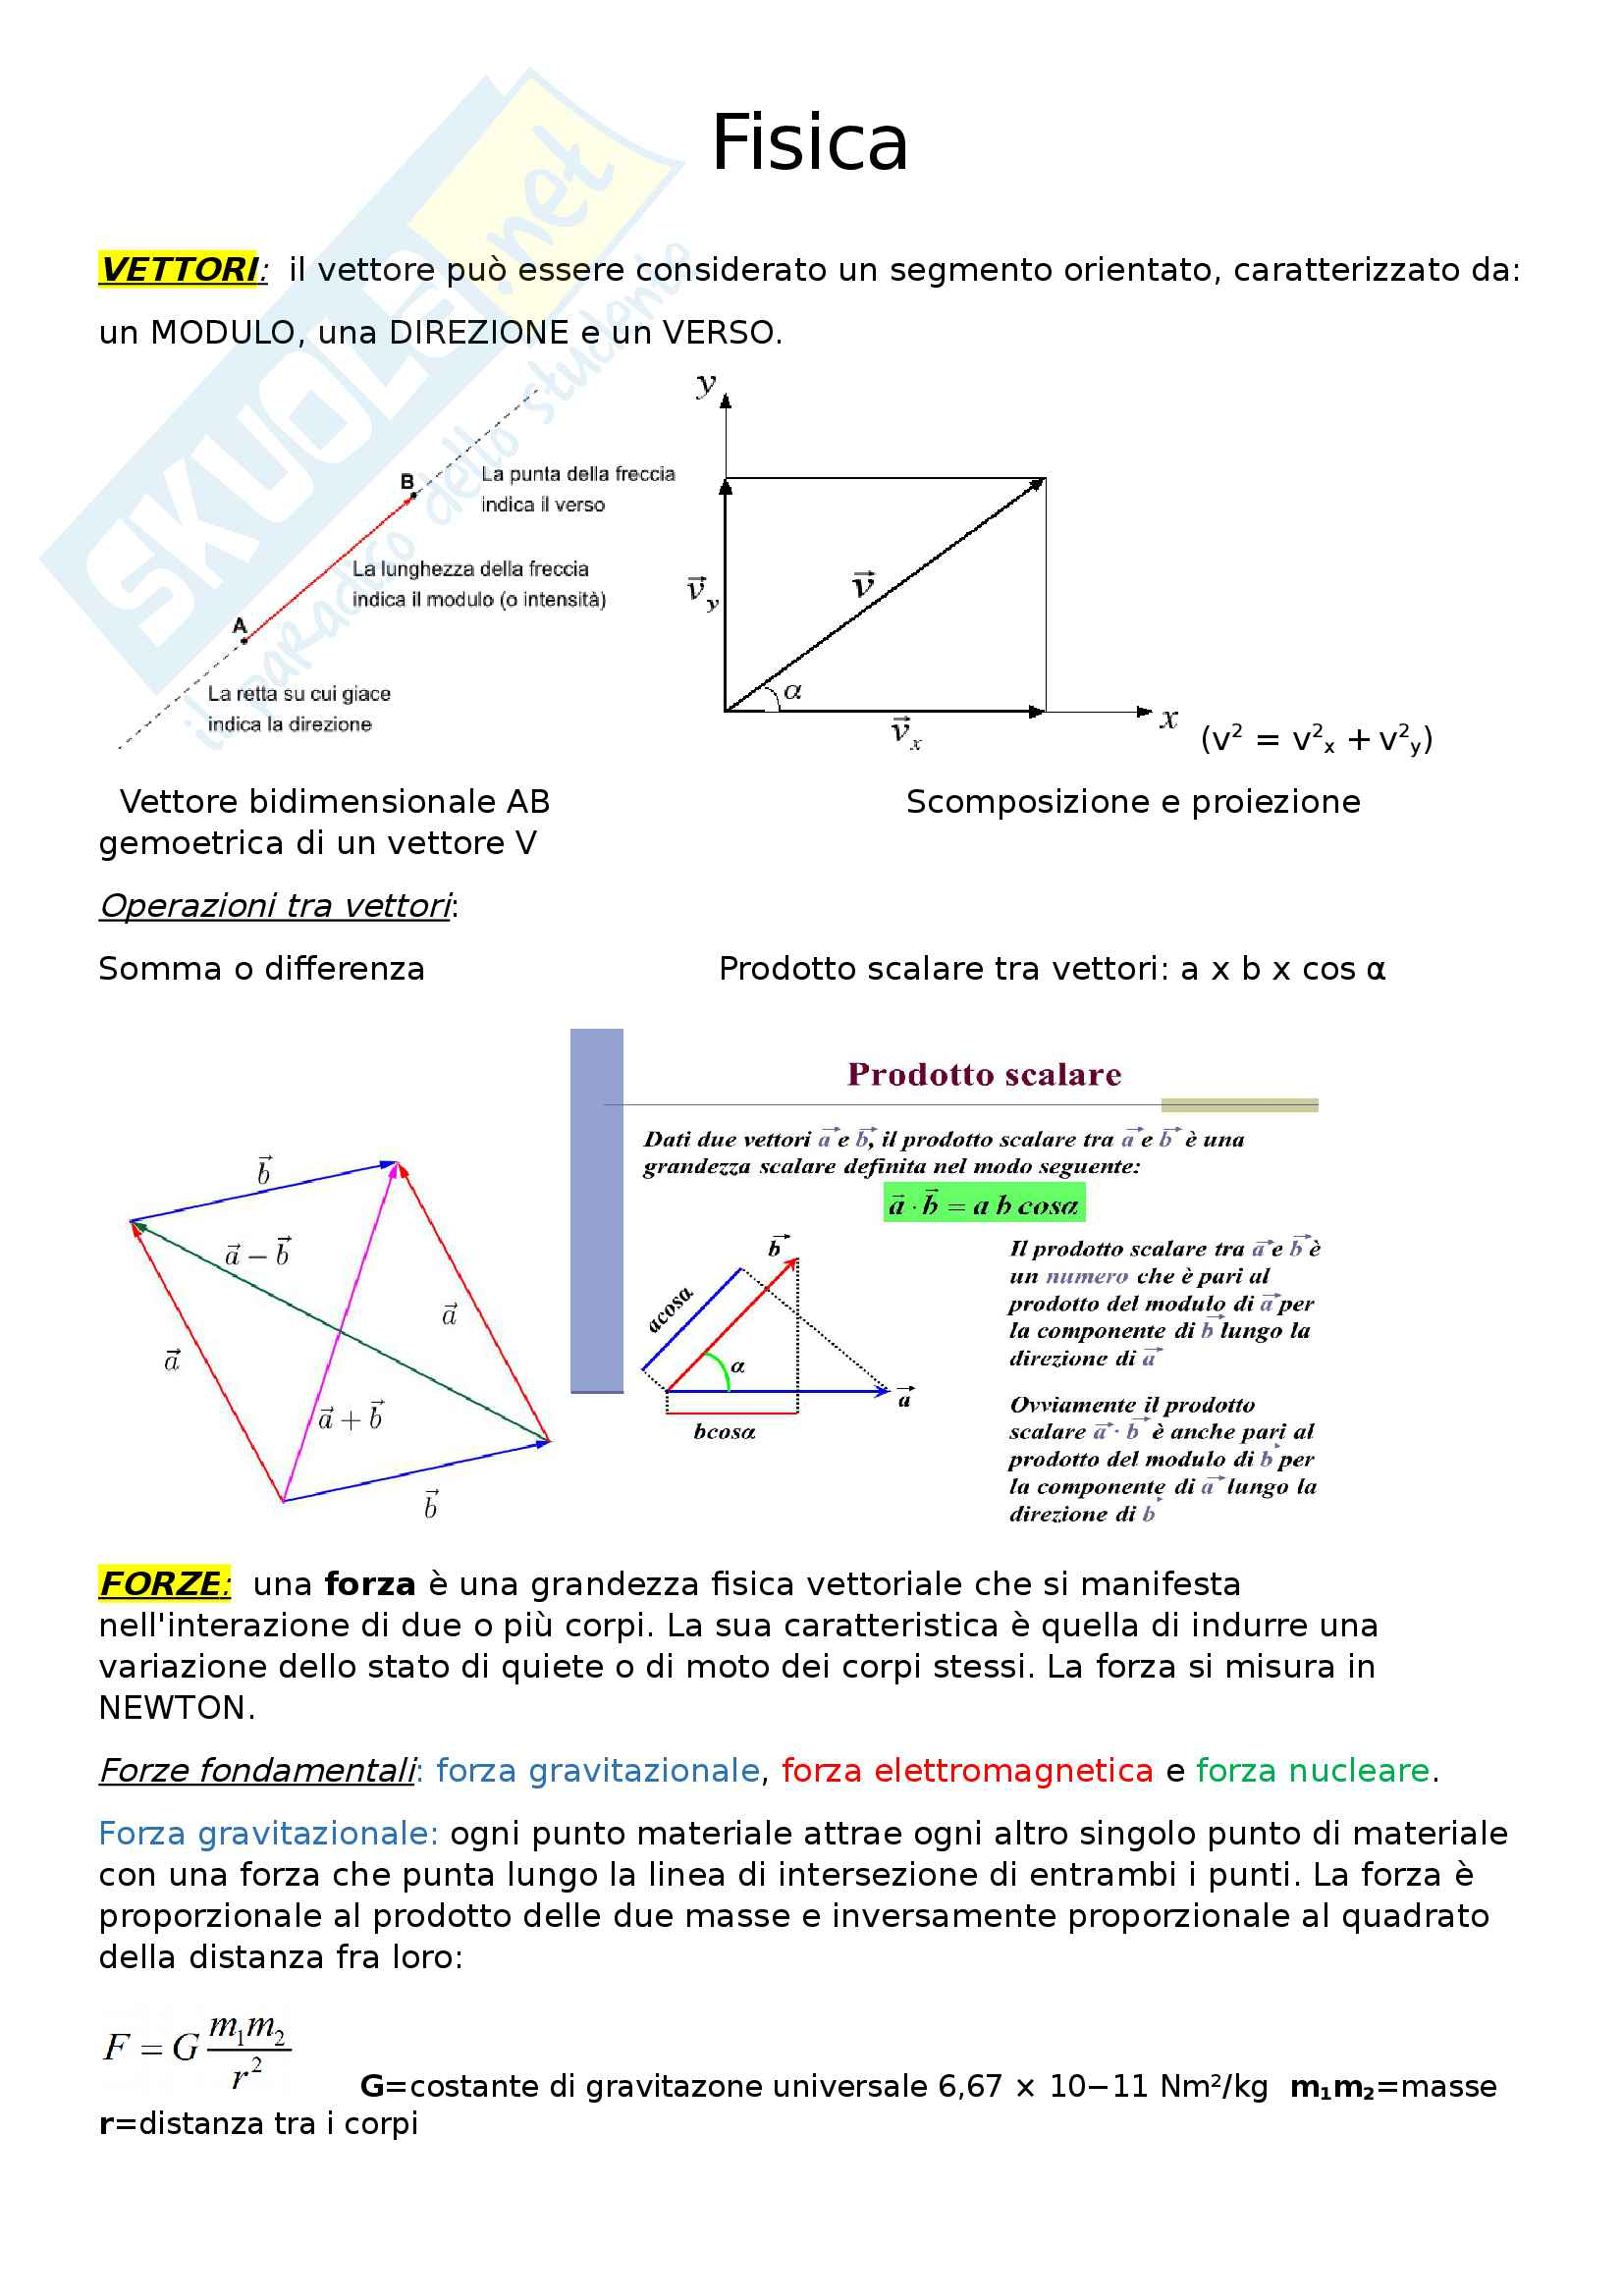 Formulario di Fisica con grafici per una migliore comprensione